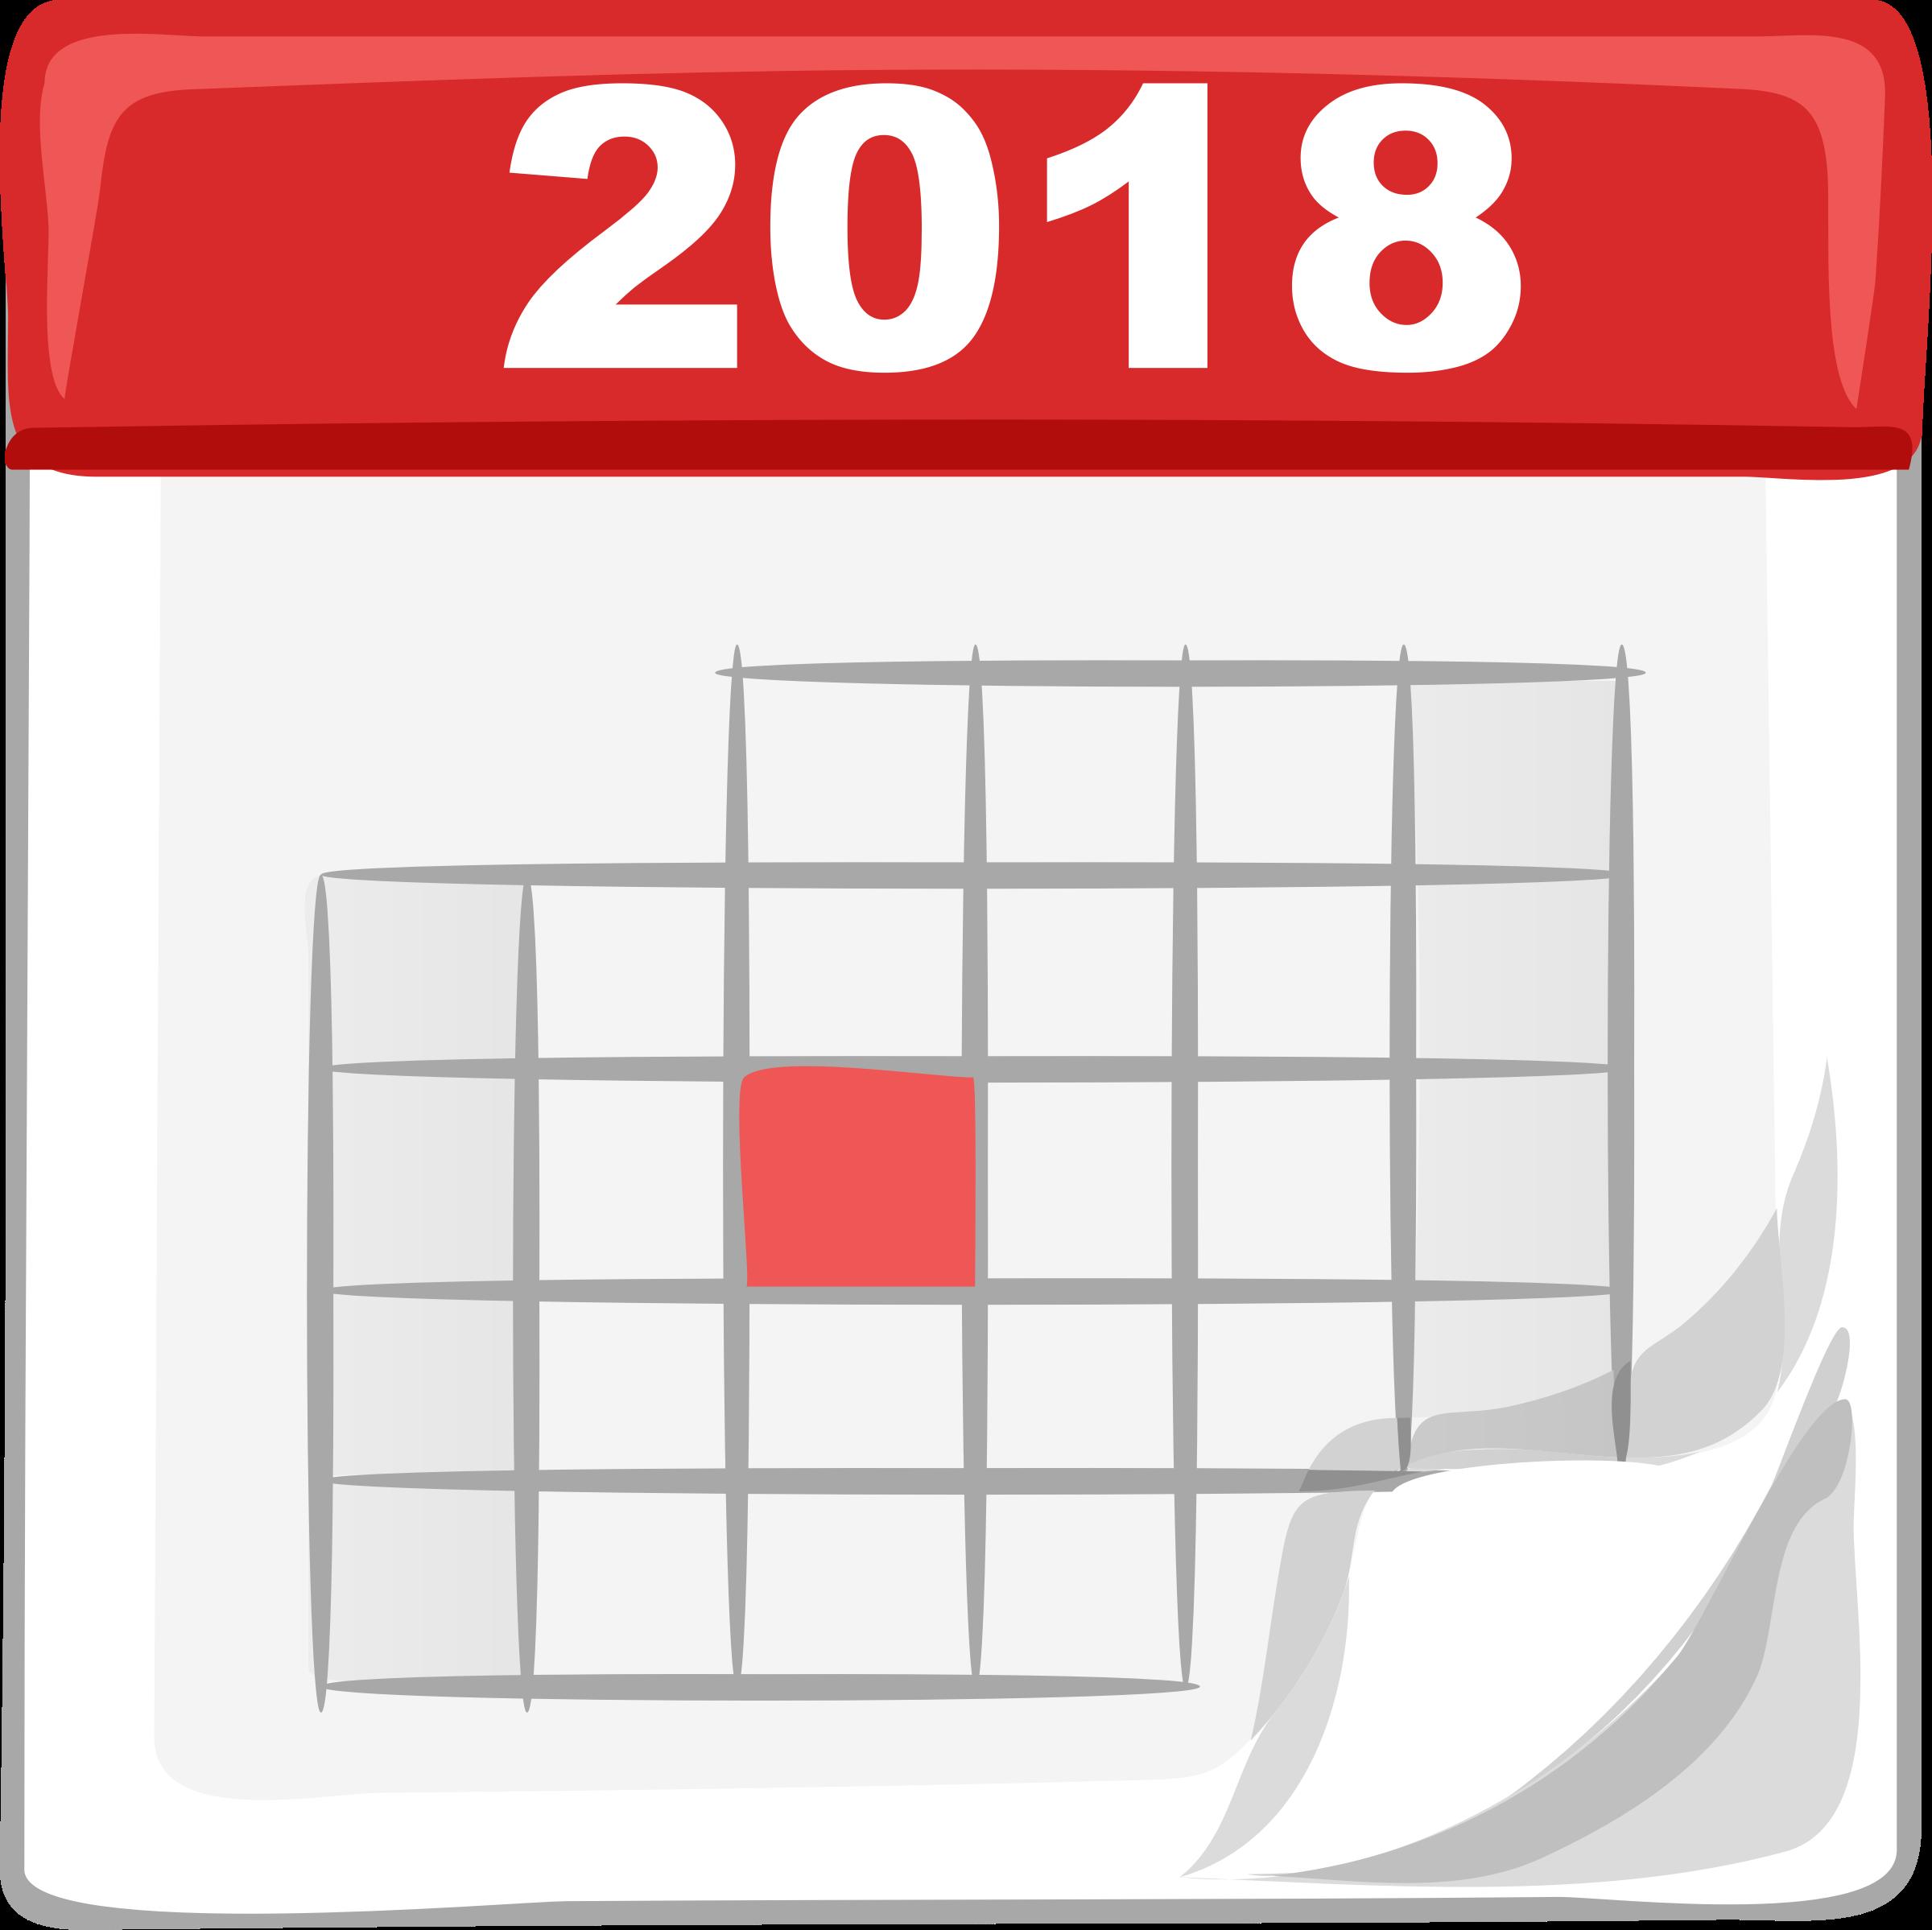 Big image png. Calendar clipart